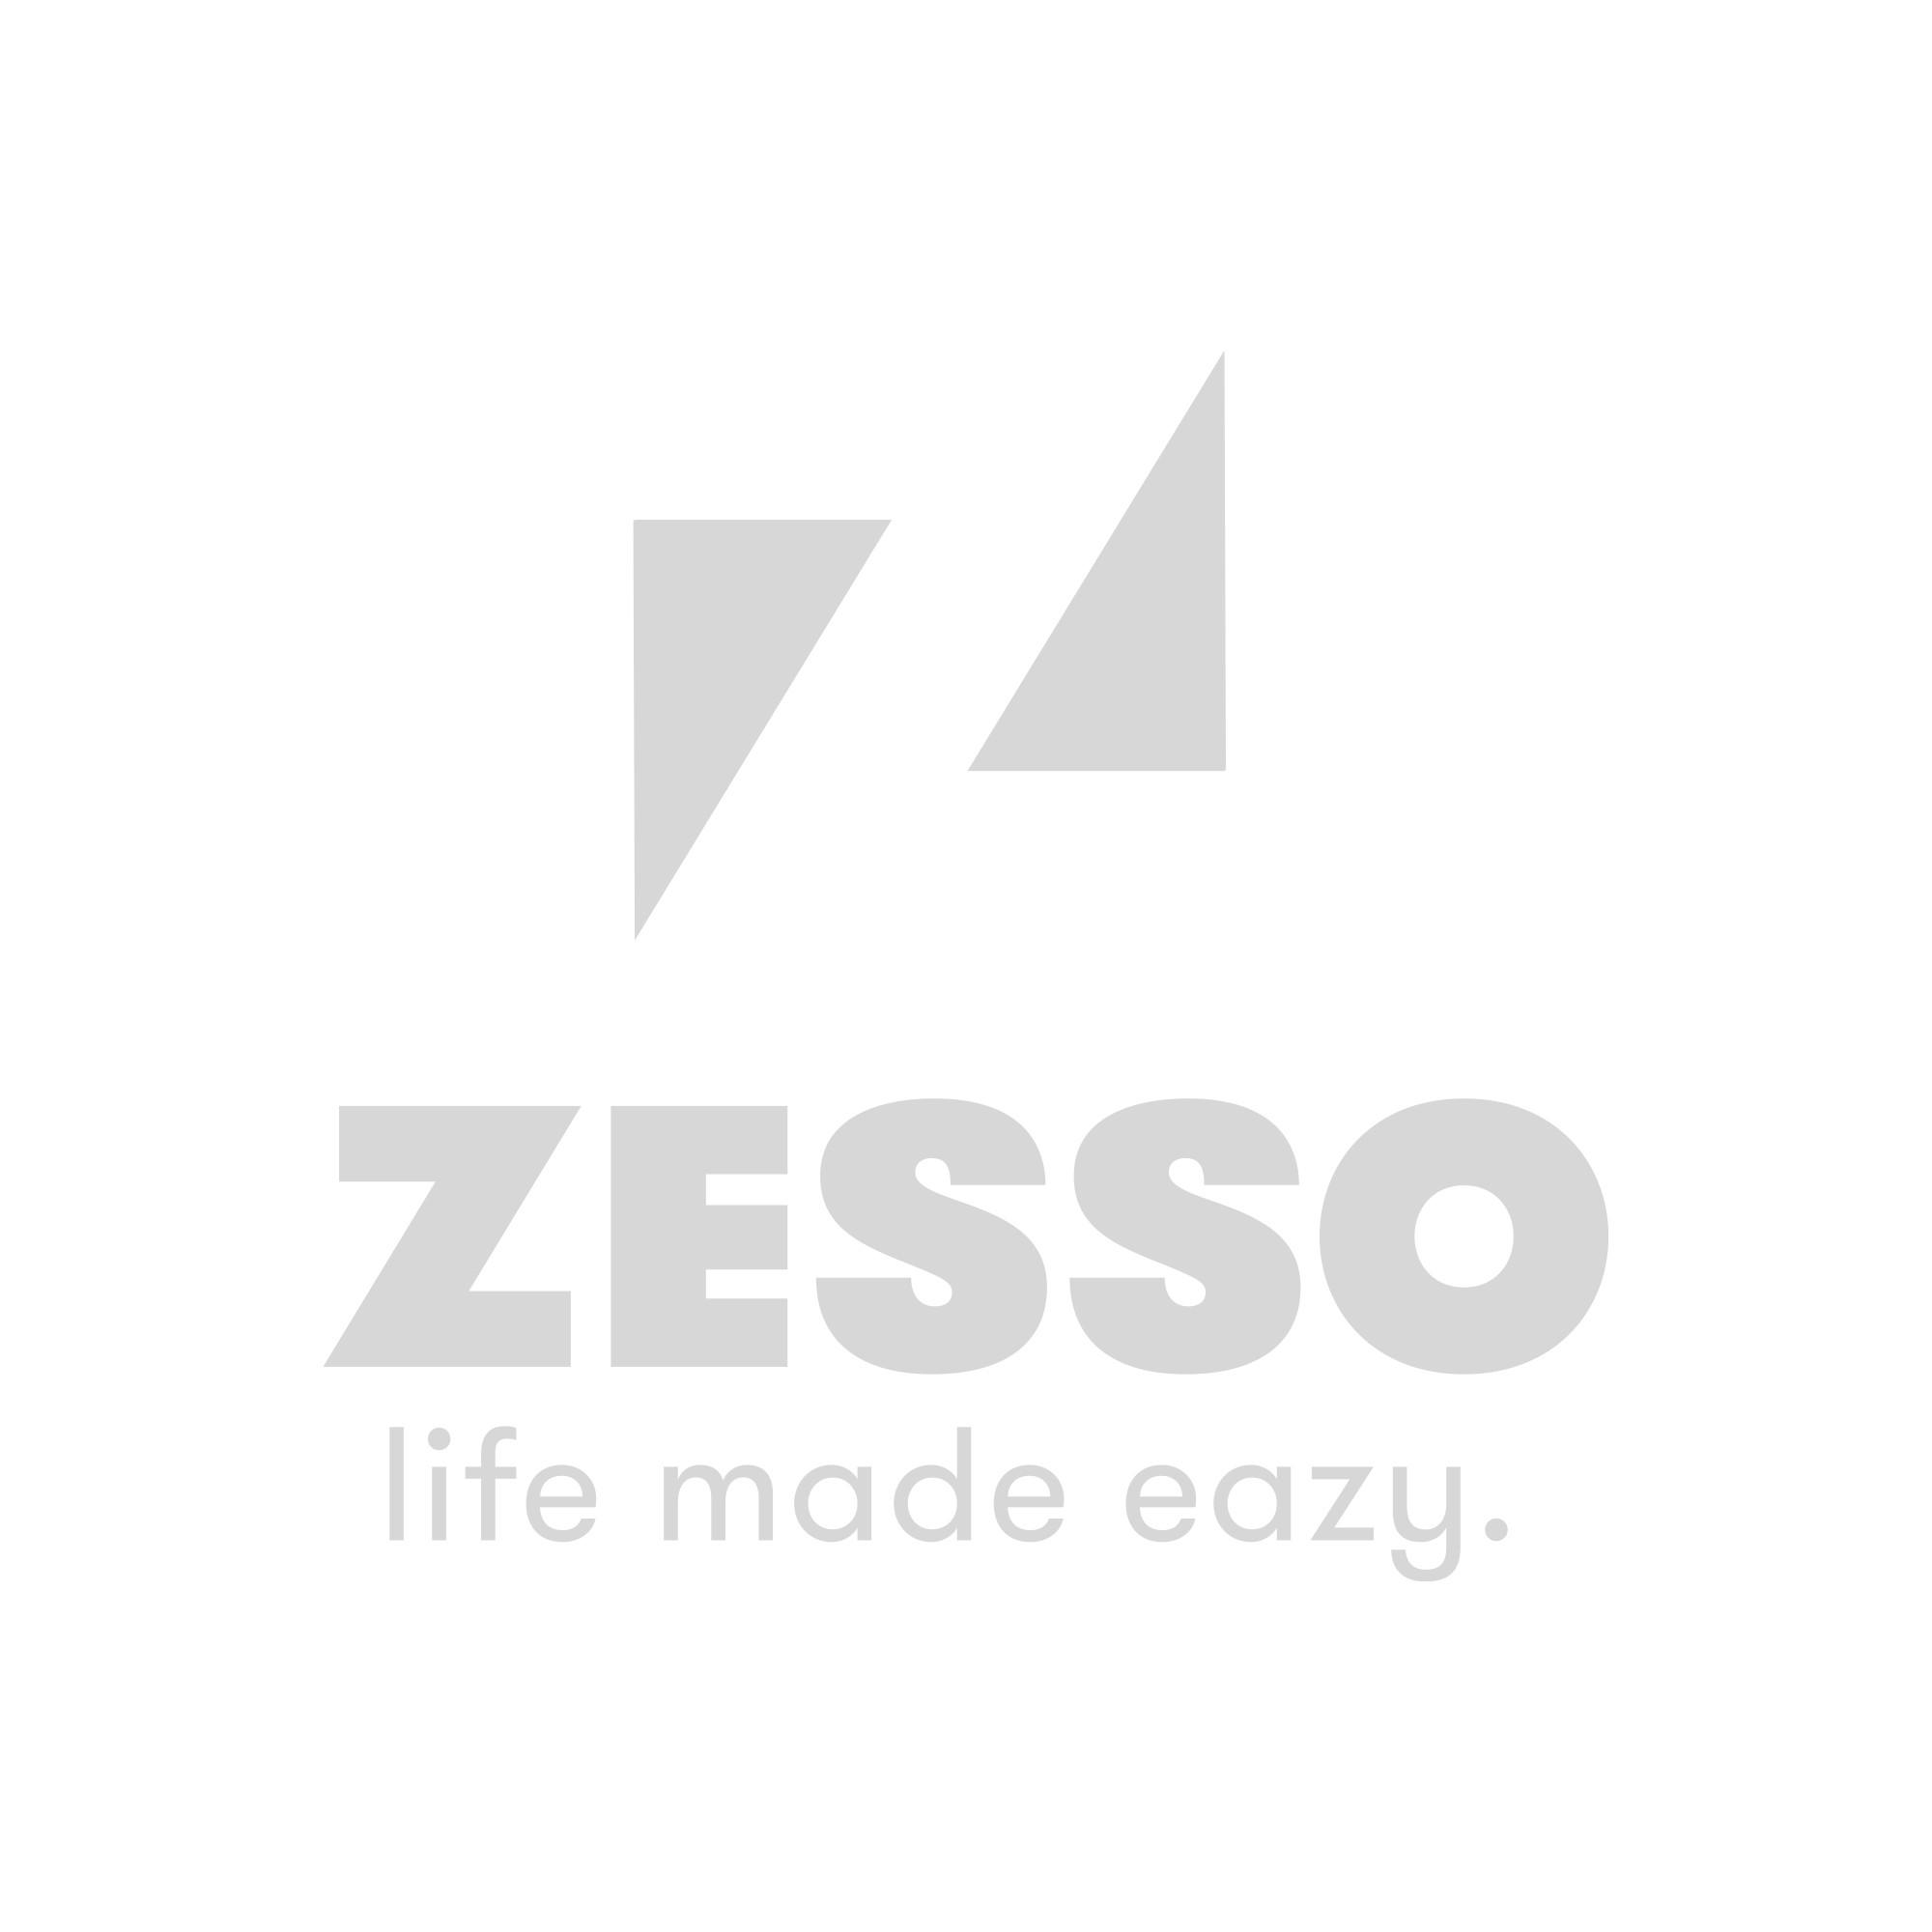 Tweedekans - Baninni Loopstoel Pio Grijs - Blauw